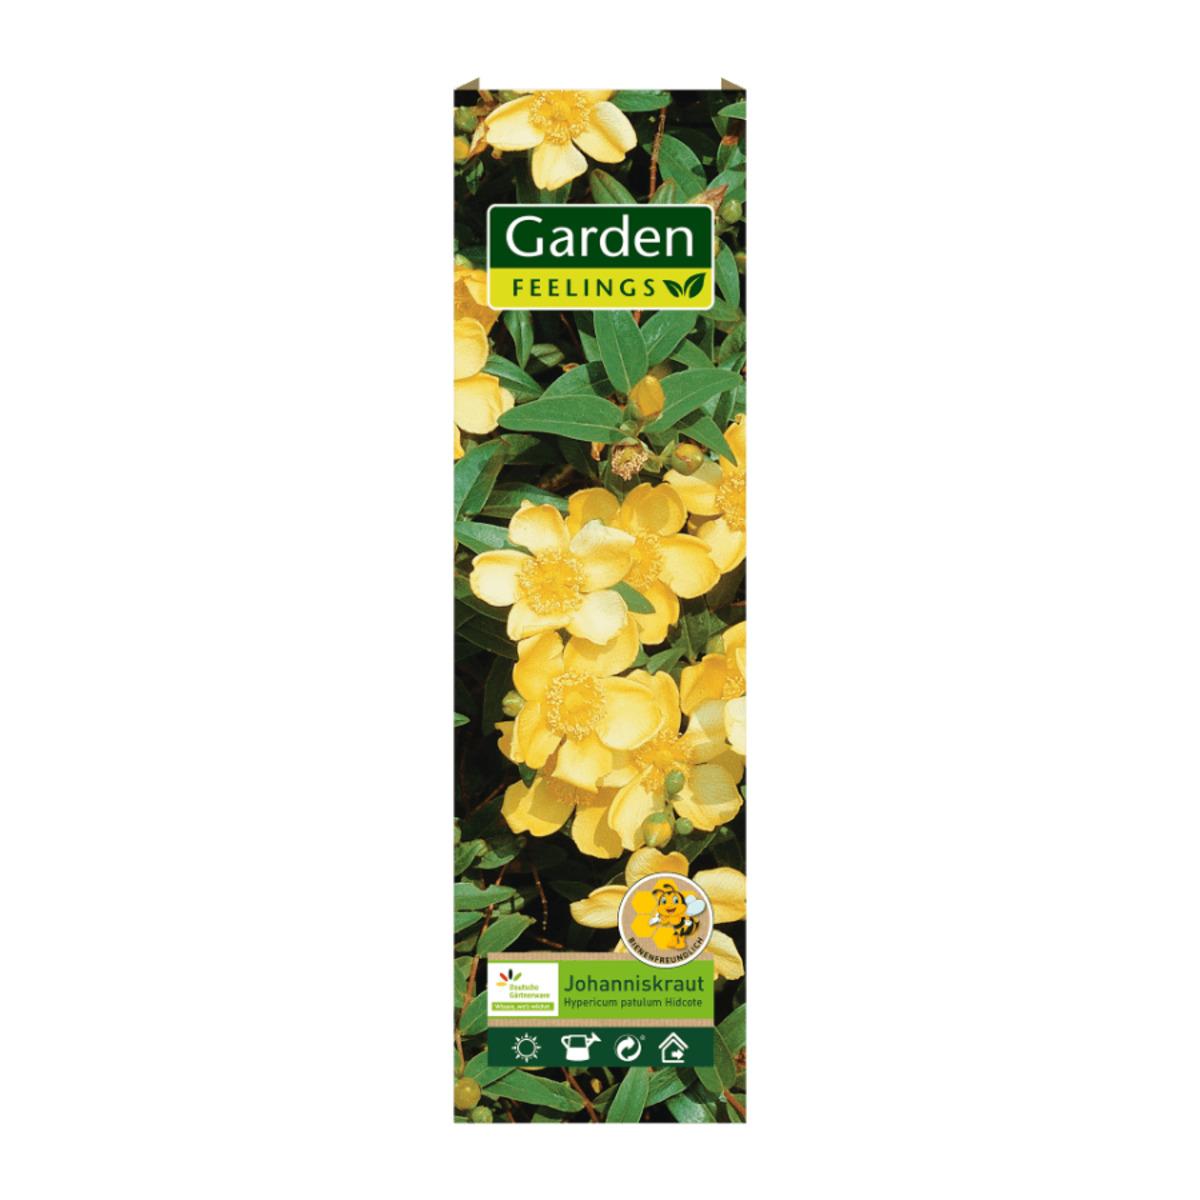 Bild 3 von GARDEN FEELINGS     Bienenfreundliche(r) Zierstrauch / Kletterpflanze